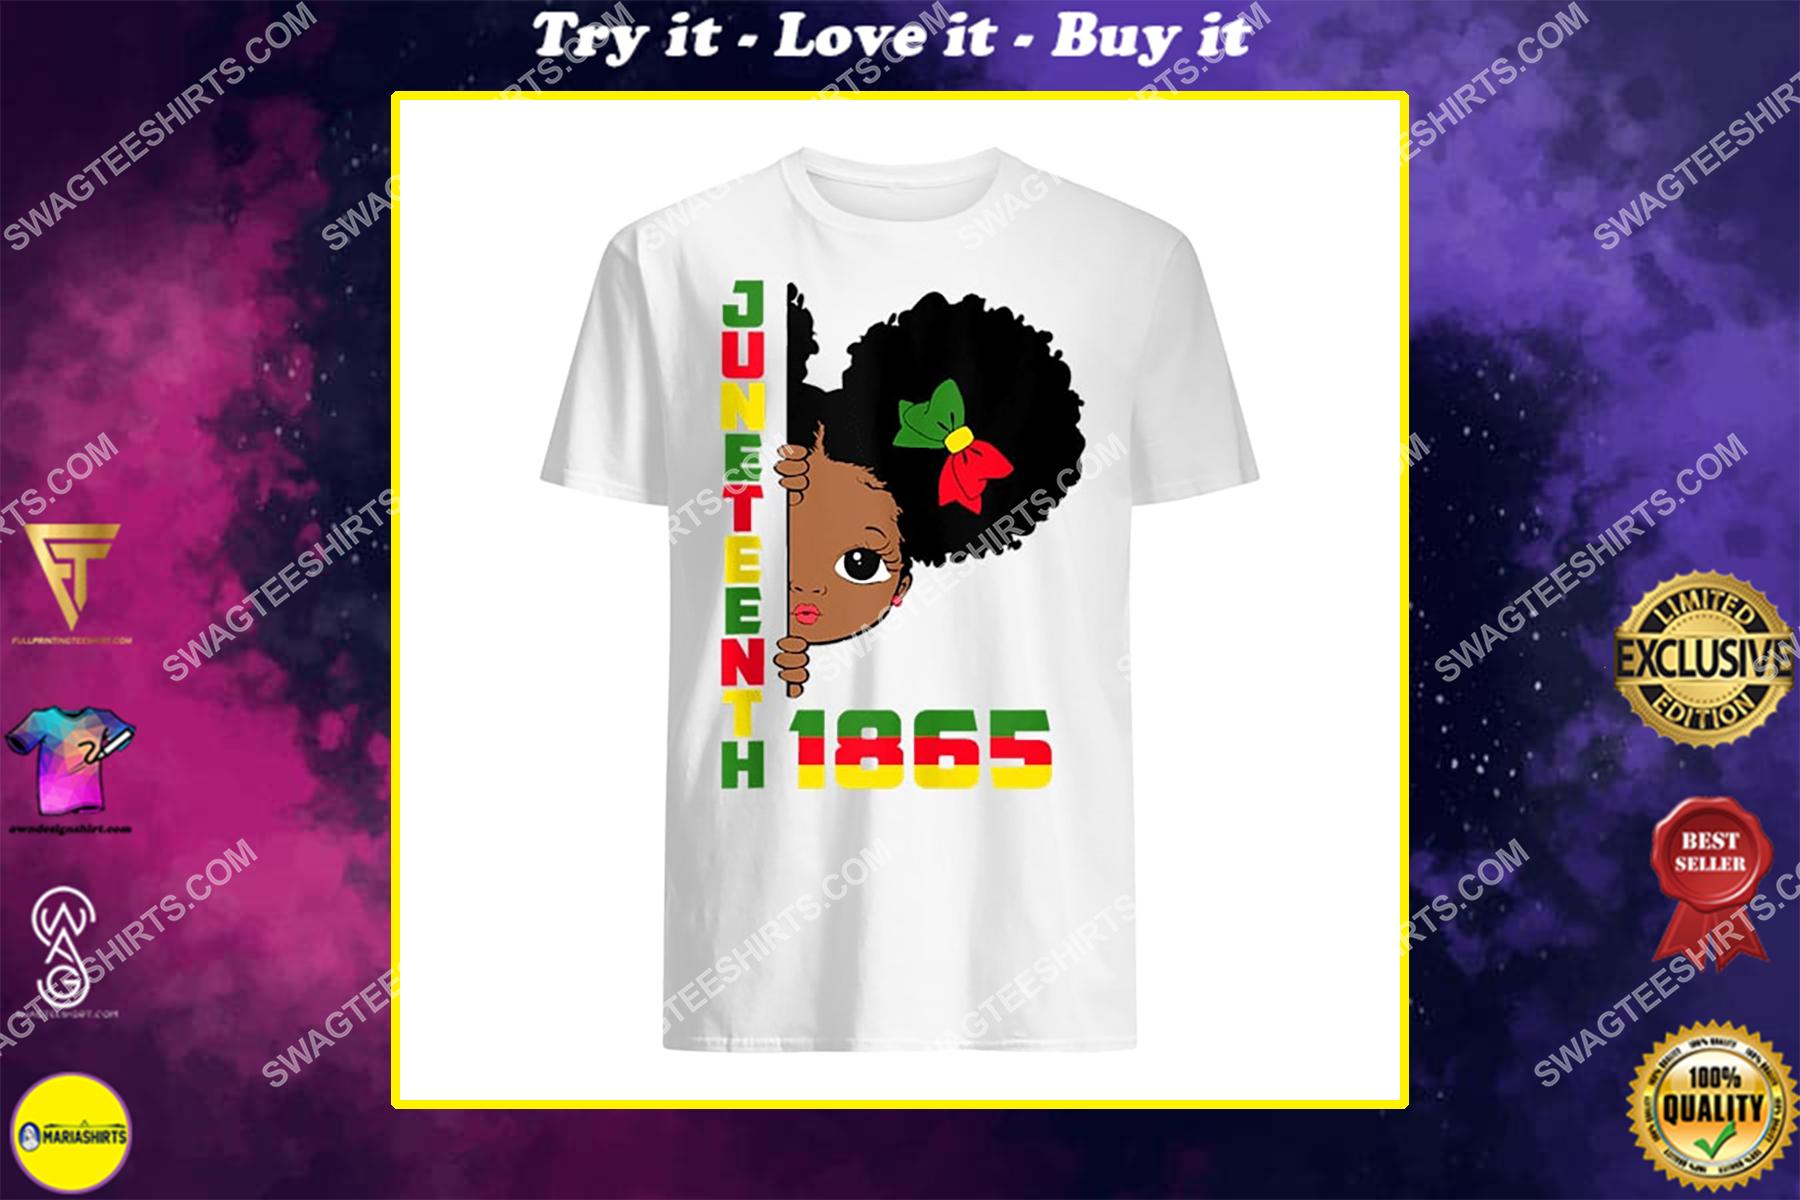 juneteenth celebrating 1865 cute black girls black lives matter shirt